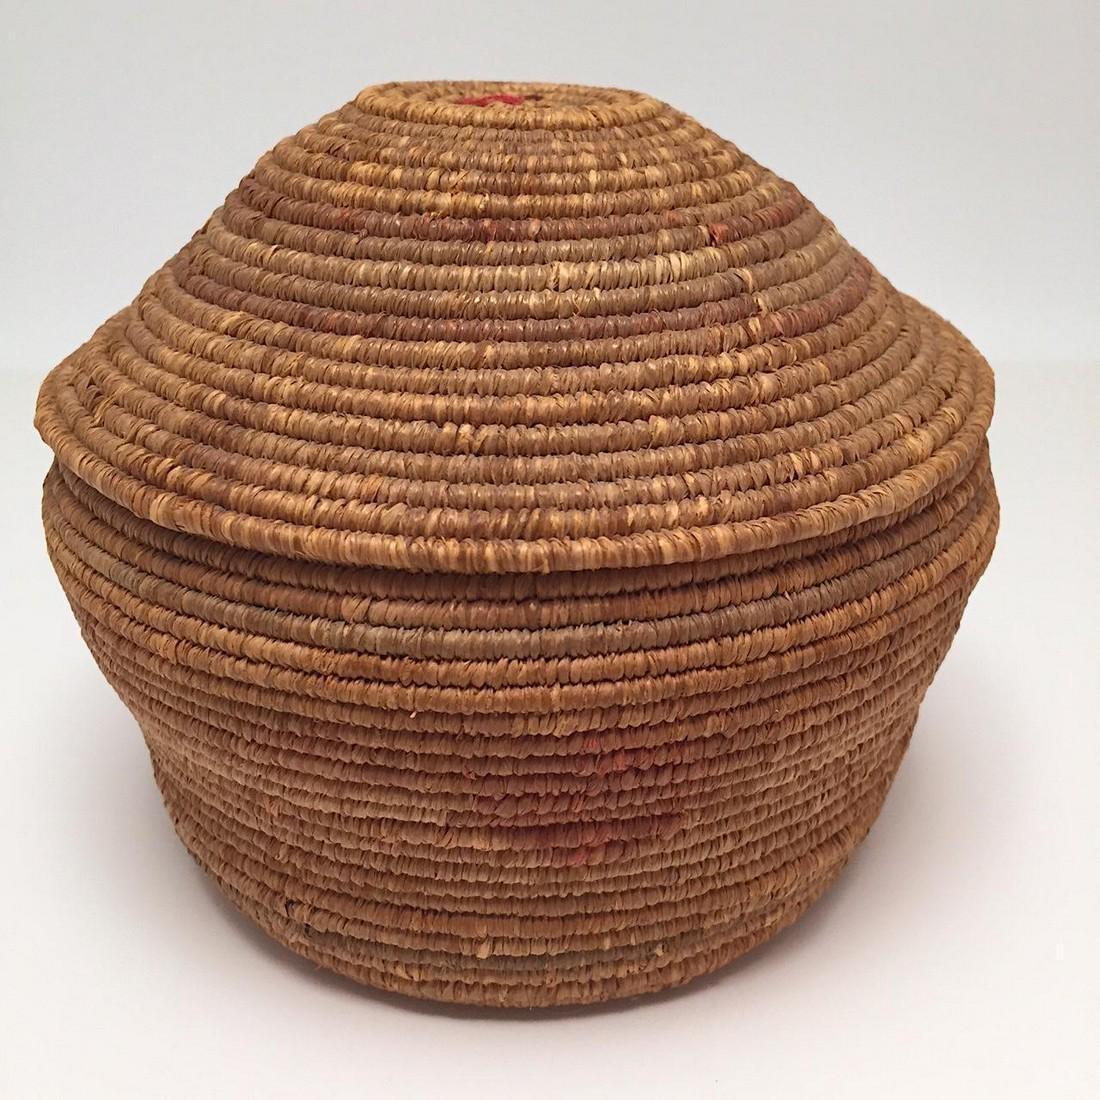 Northwest Coast Salish Lidded Coiled Basket - 8